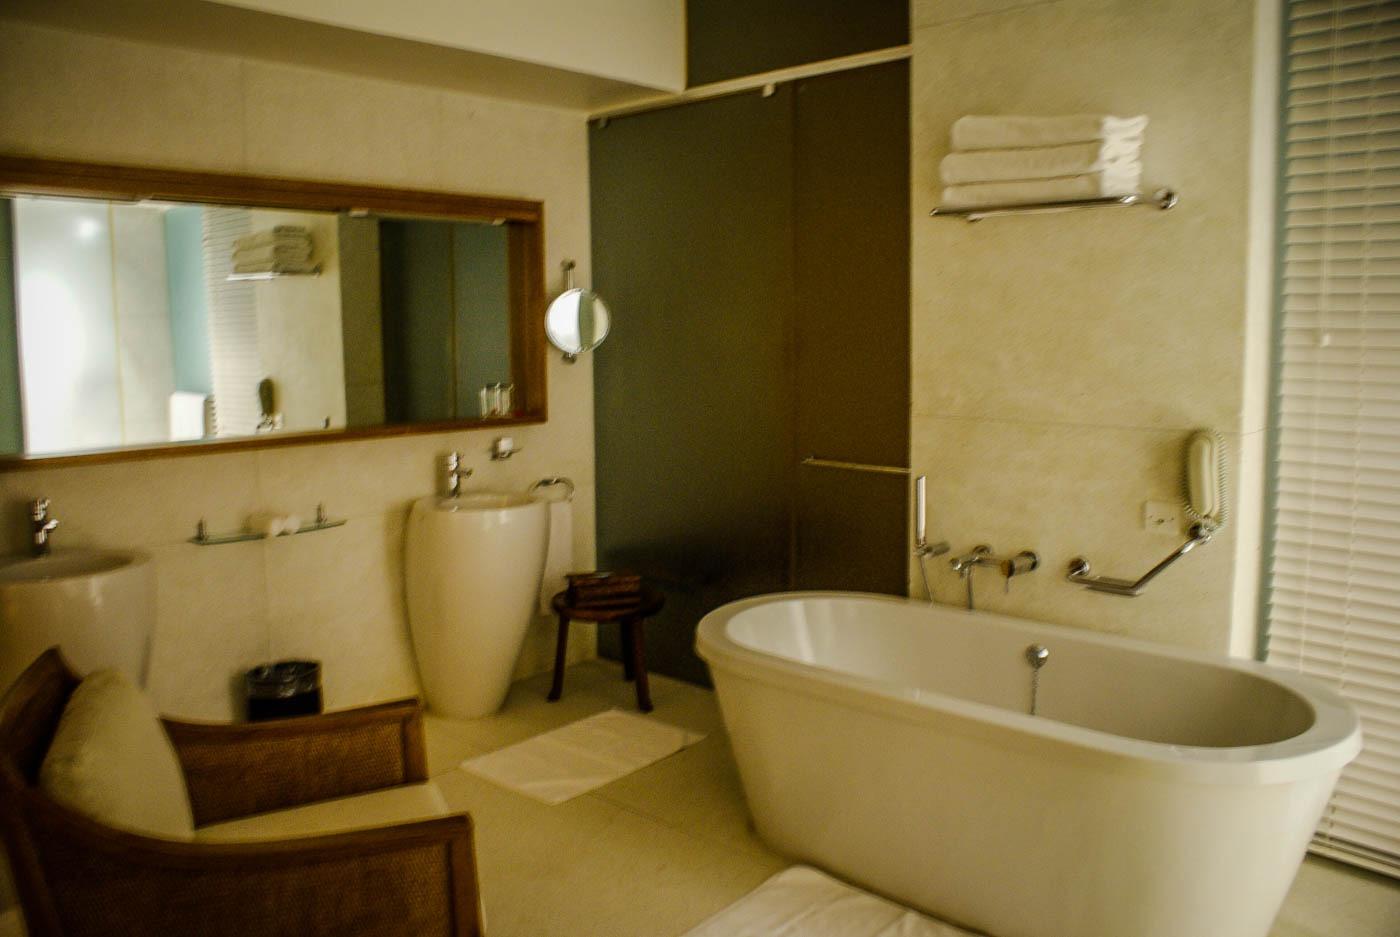 Rooms at the Kempinski Zanzibar